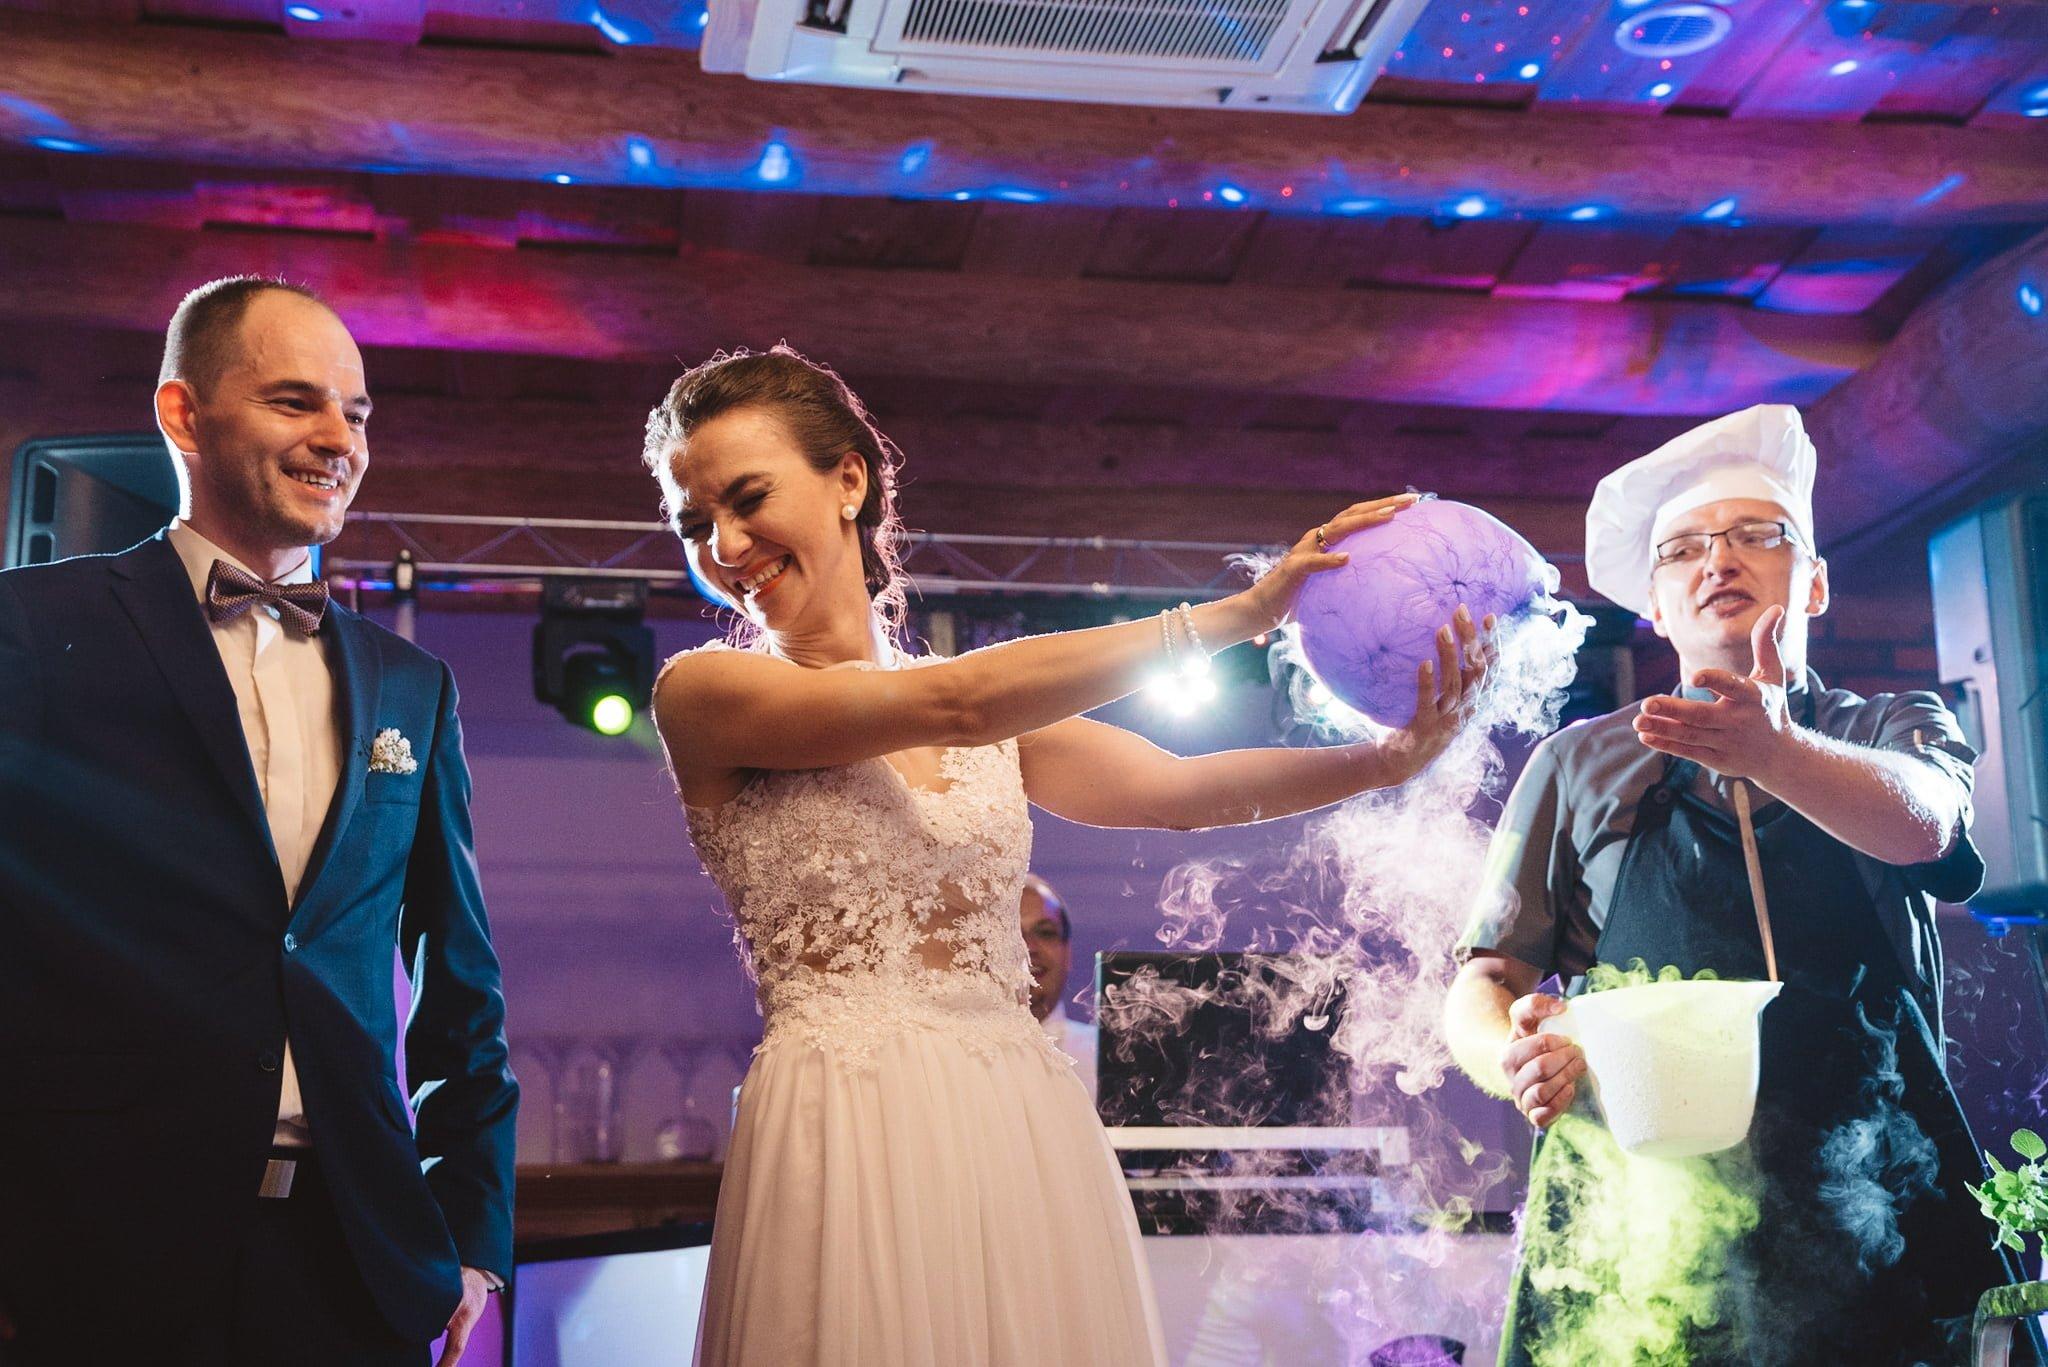 Kapitańska, sala weselna, fotografia ślubna, super sala, dobra zabawa na weselu, kucharz, pokaz suchego lodu,